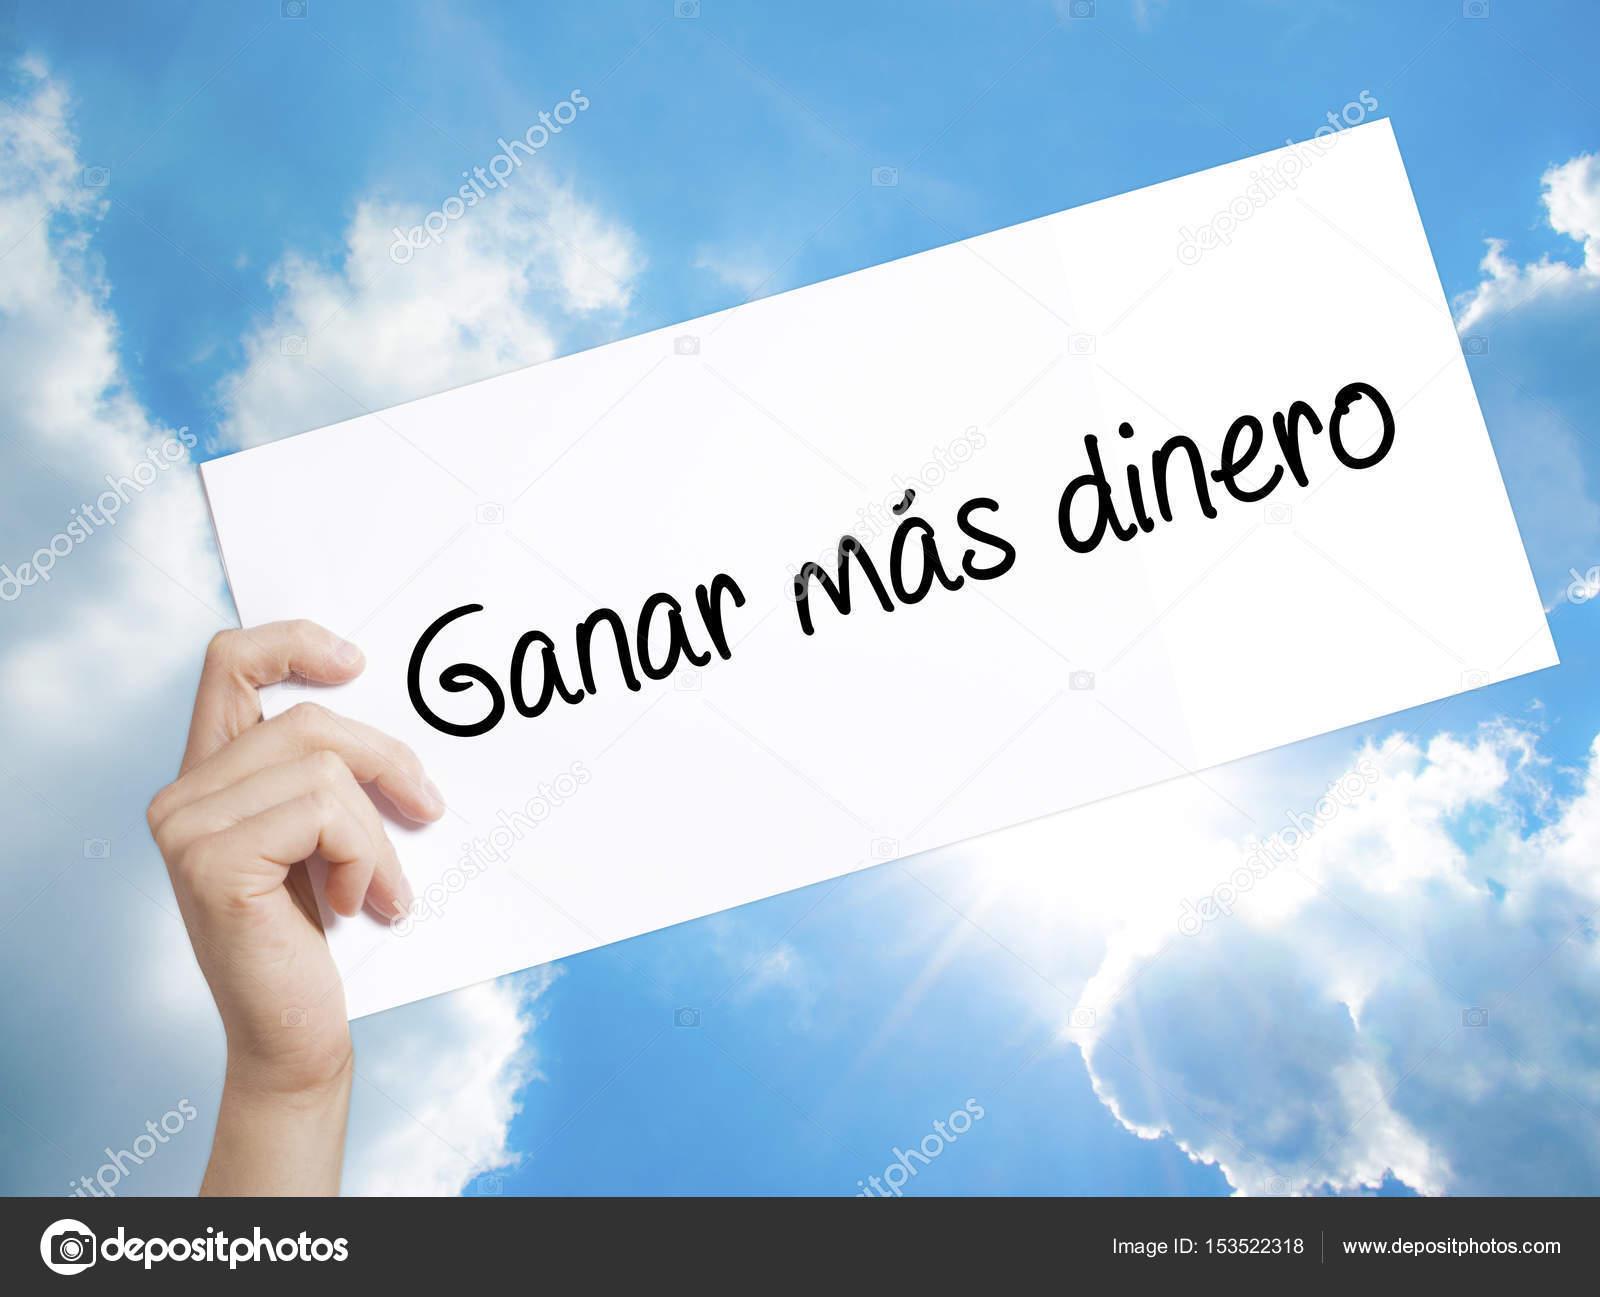 Учебу Mas динеро (заработать больше денег на испанском языке) знак.